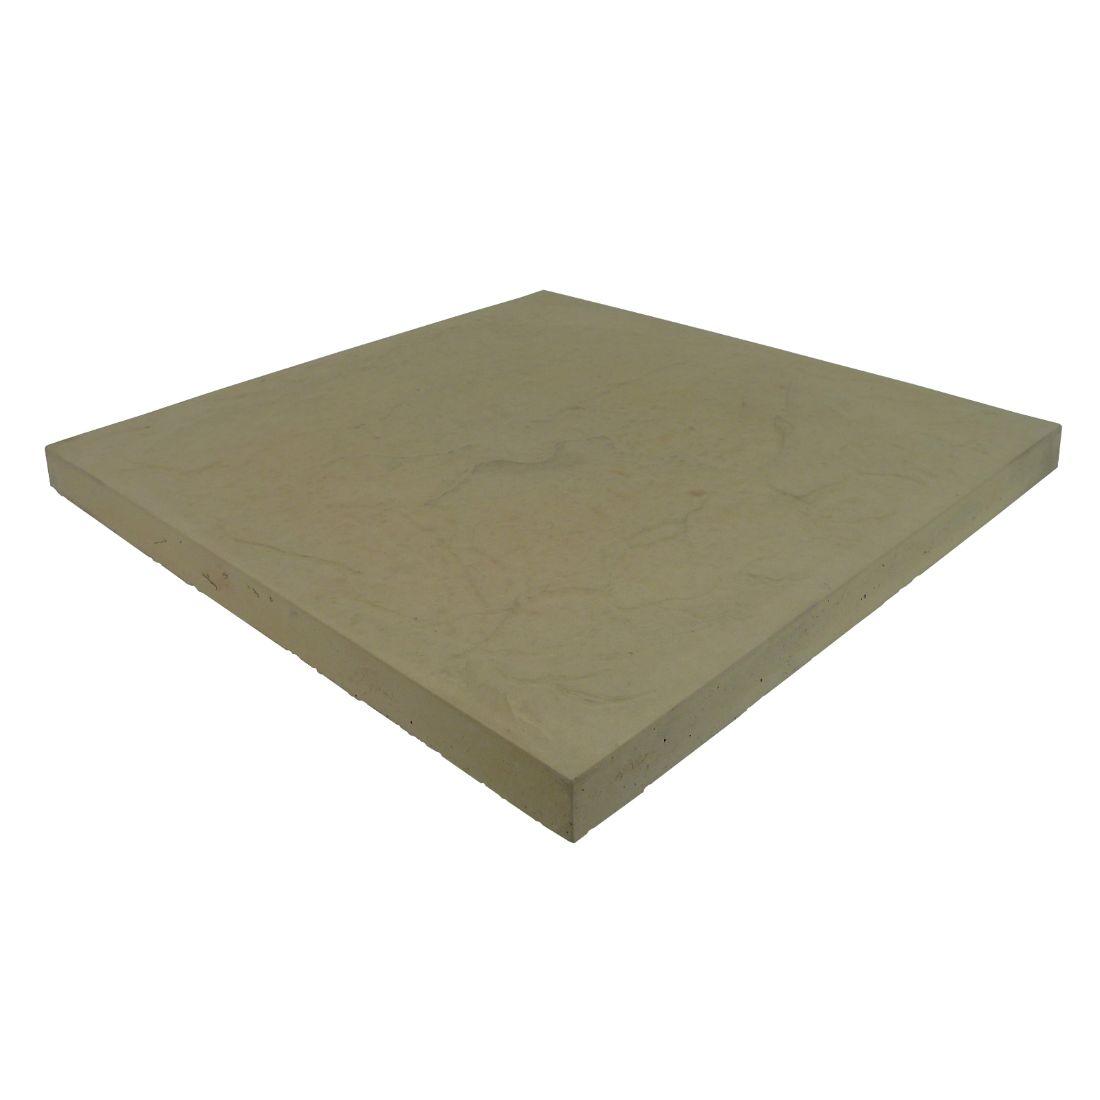 Romani Concrete Paver 300 x 300 x 37mm Cream Sands